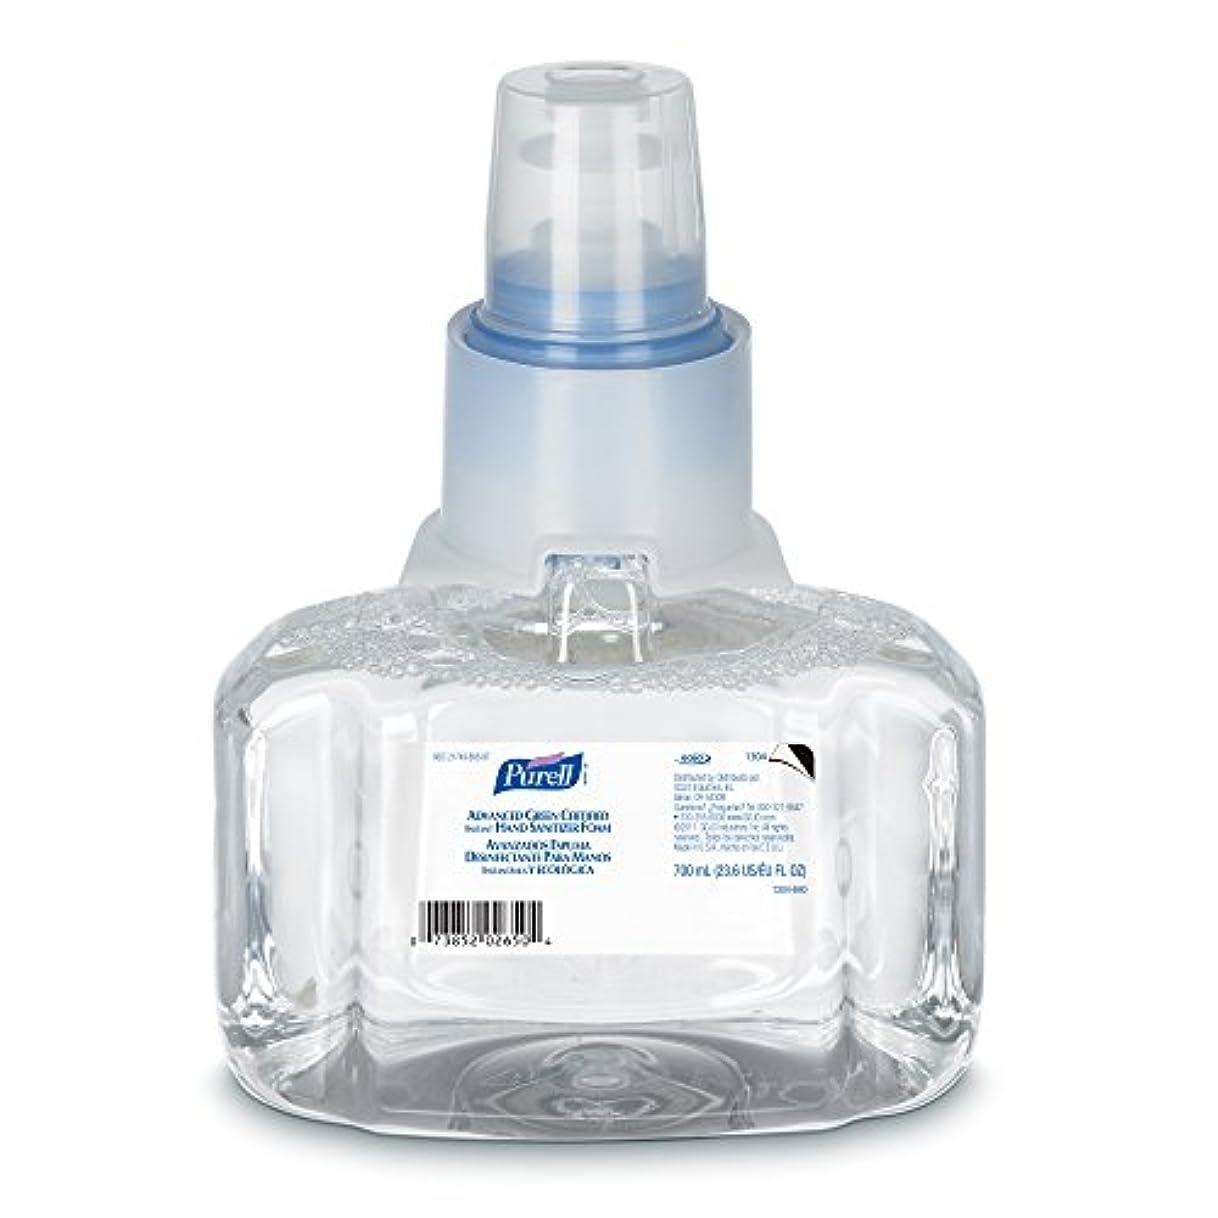 スタンドピンク快適Purell 1304-03 Advanced Green Certified Instant Hand Sanitizer Foam, 700 ml Refill (Pack of 3) by Purell